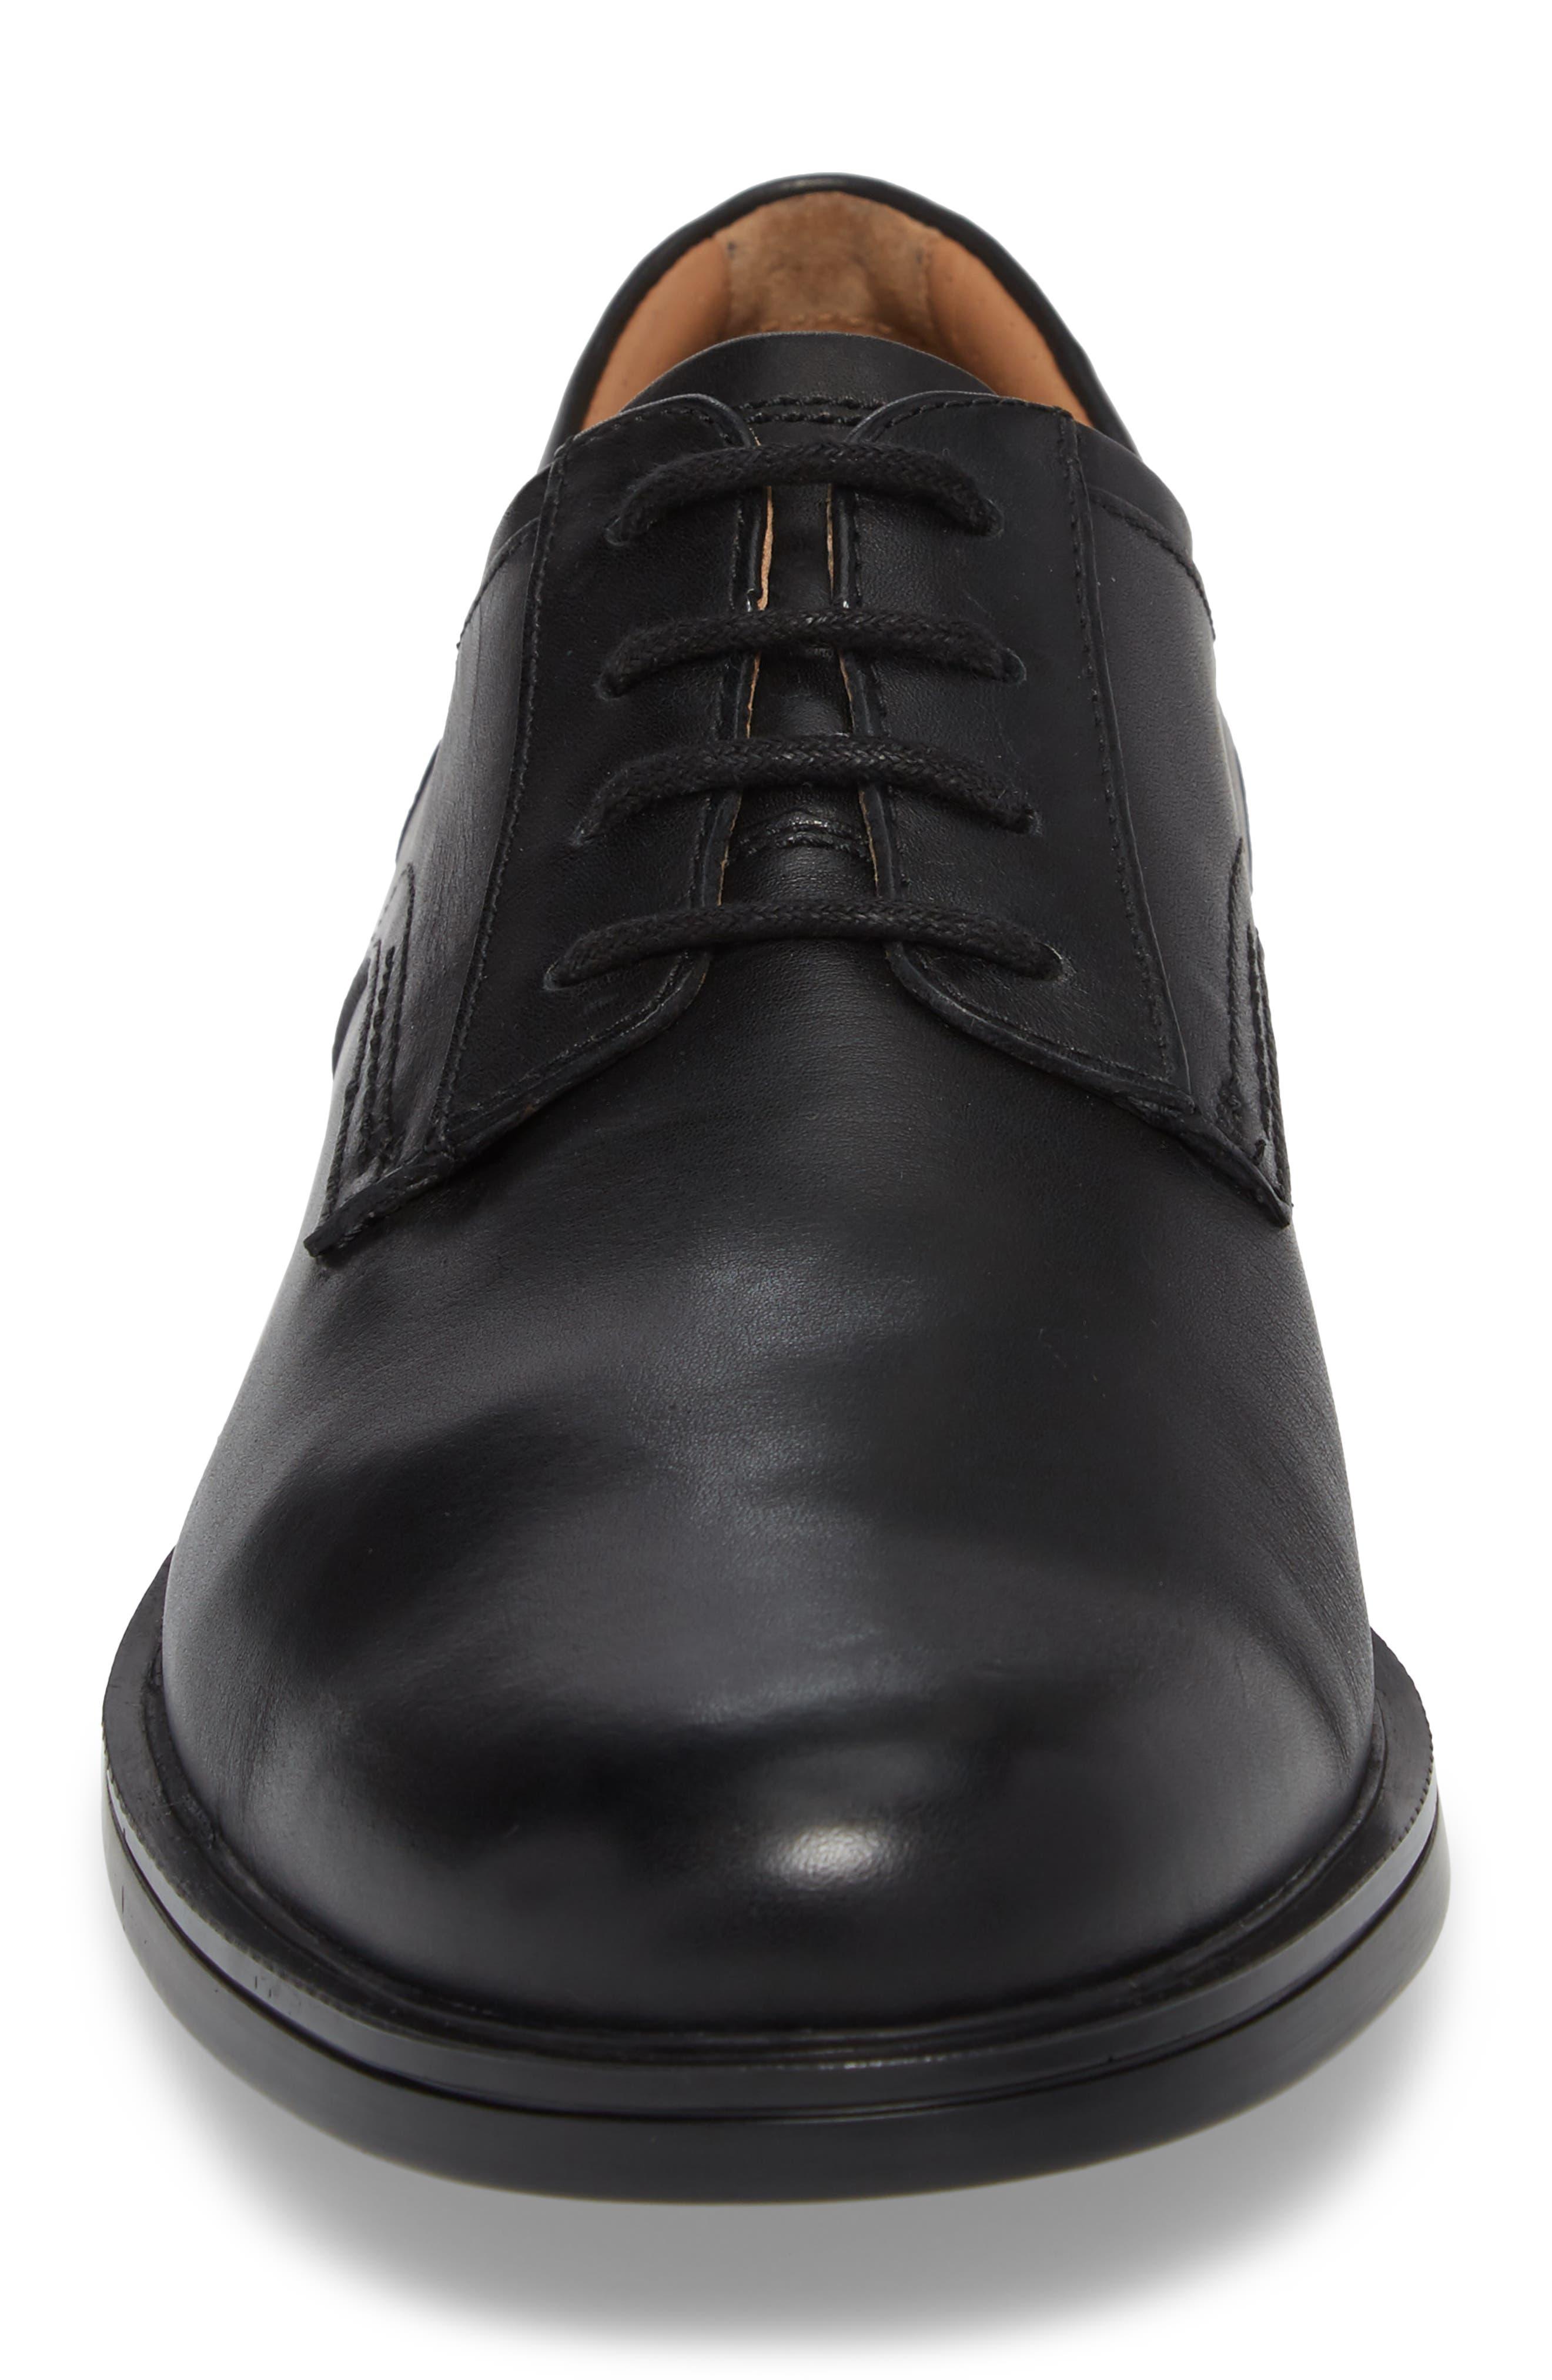 Unaldric Plain Toe Derby,                             Alternate thumbnail 4, color,                             BLACK LEATHER